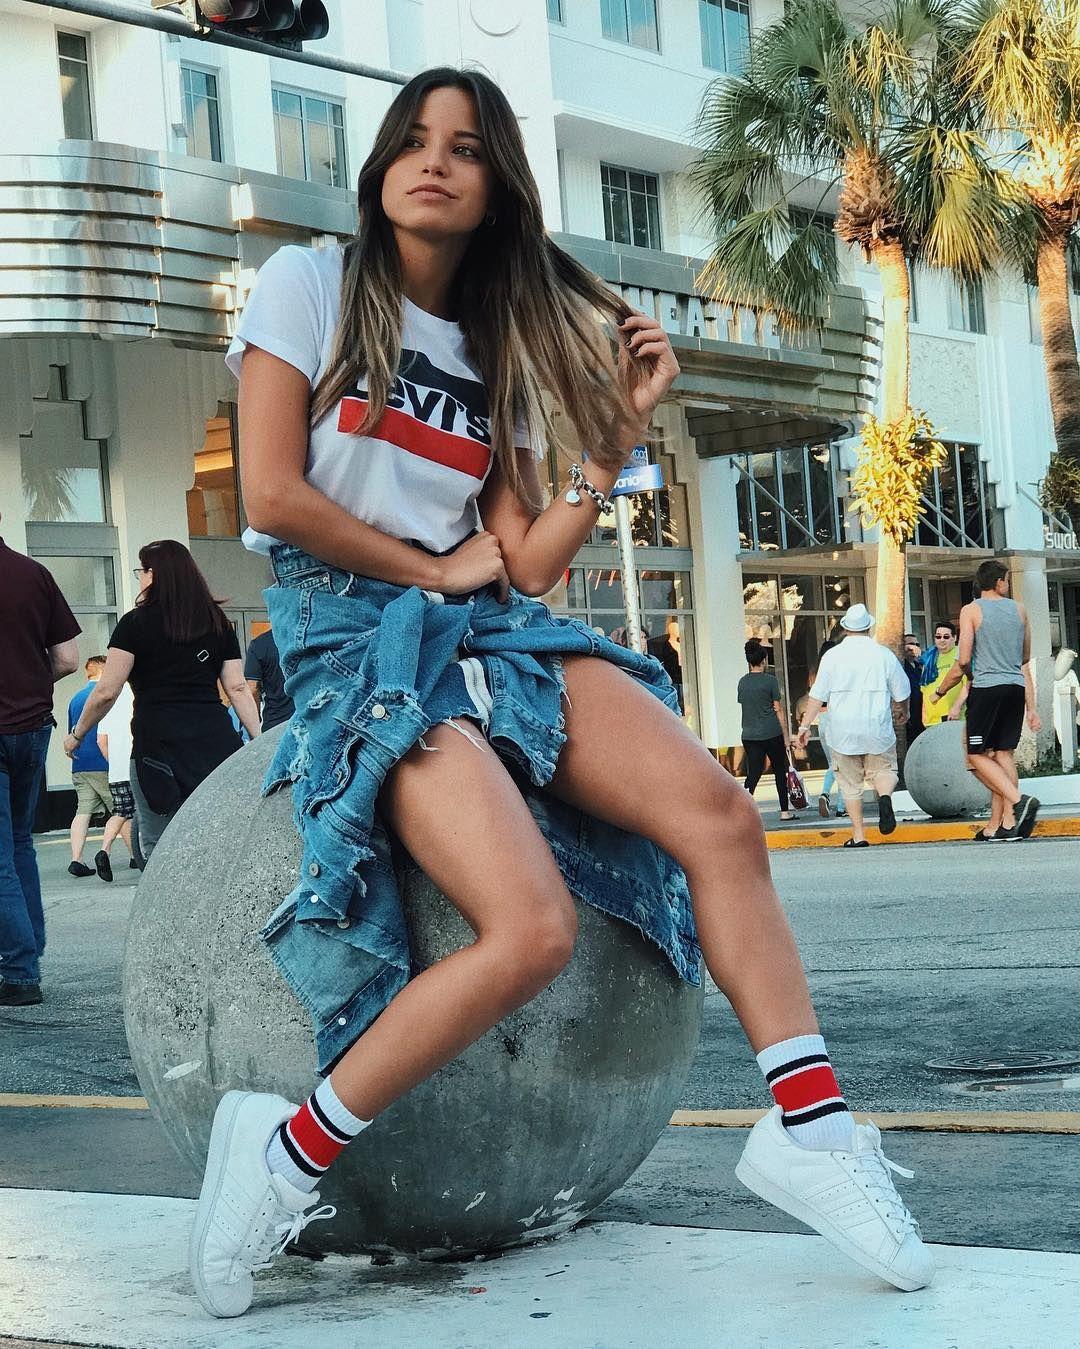 85 3 Mil Me Gusta 361 Comentarios Emilia Mernes Emimernes En Instagram Coɴ La Meɴte Eɴ El Jyeɢo Female Models Outfits Fashion